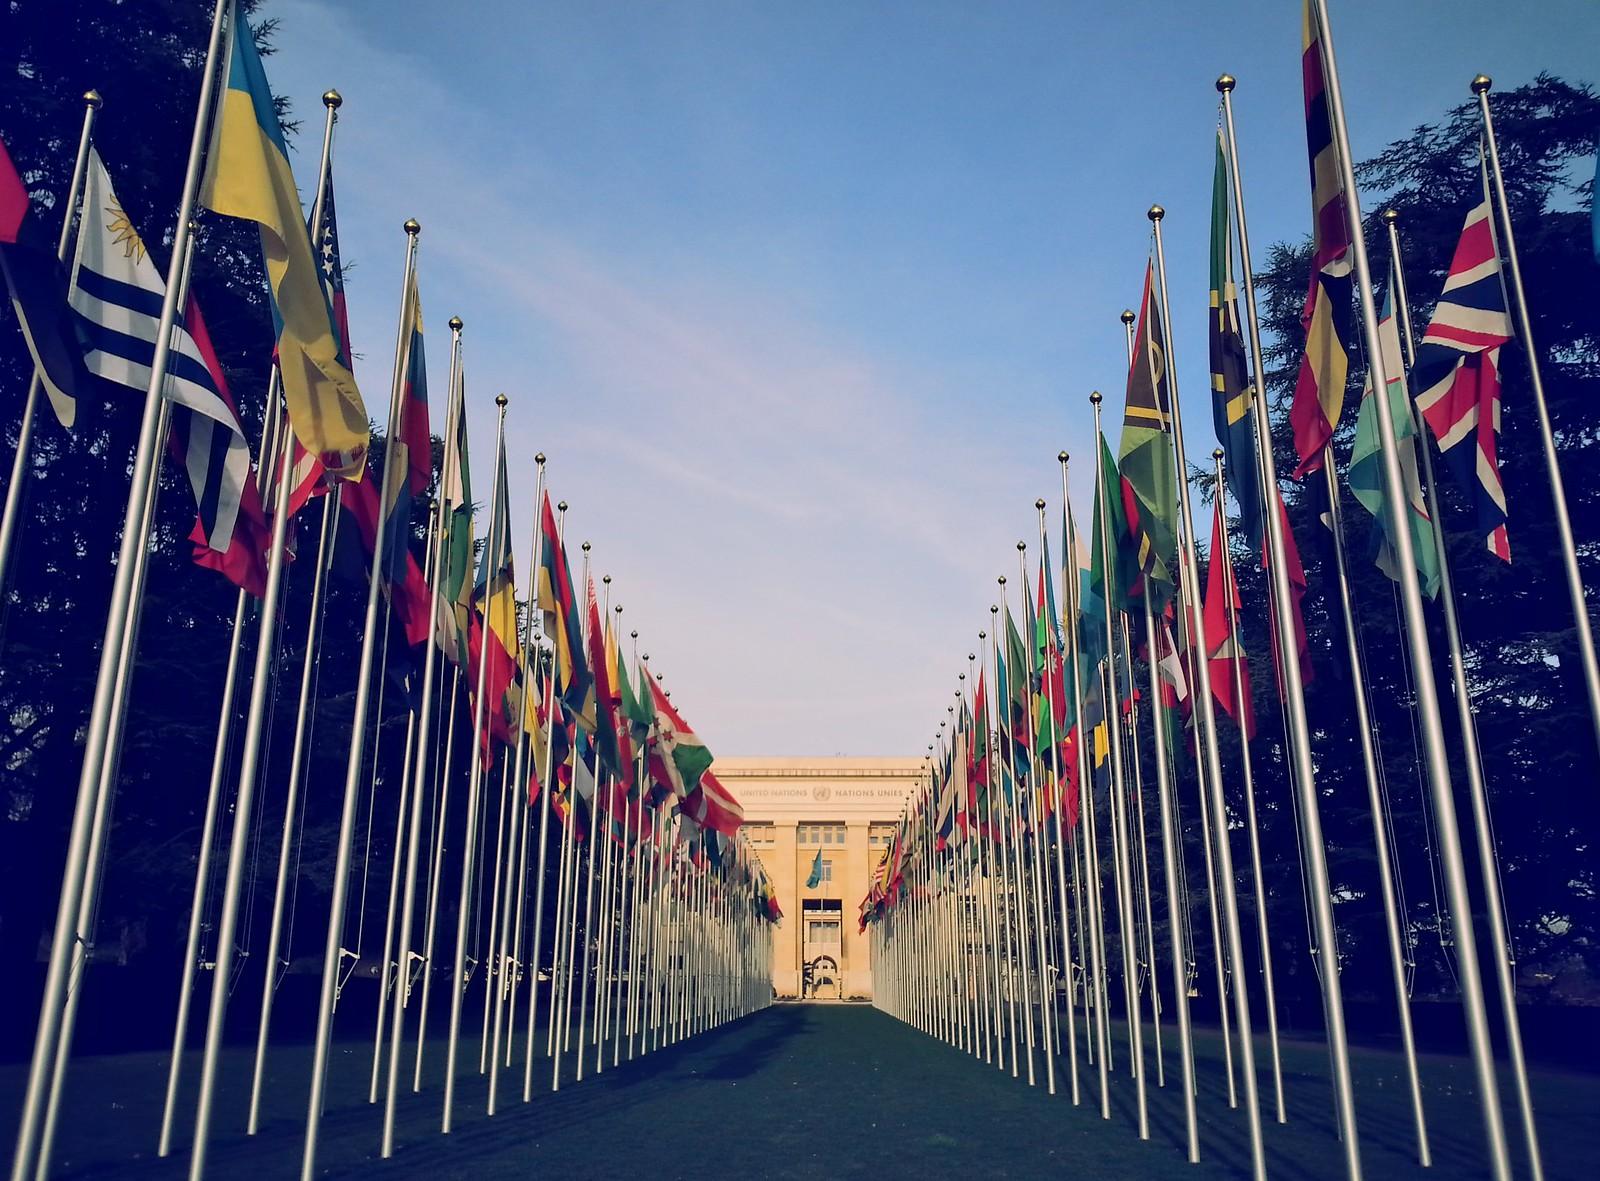 16-01-28 (Geneva) Flags at Palace of Nations.